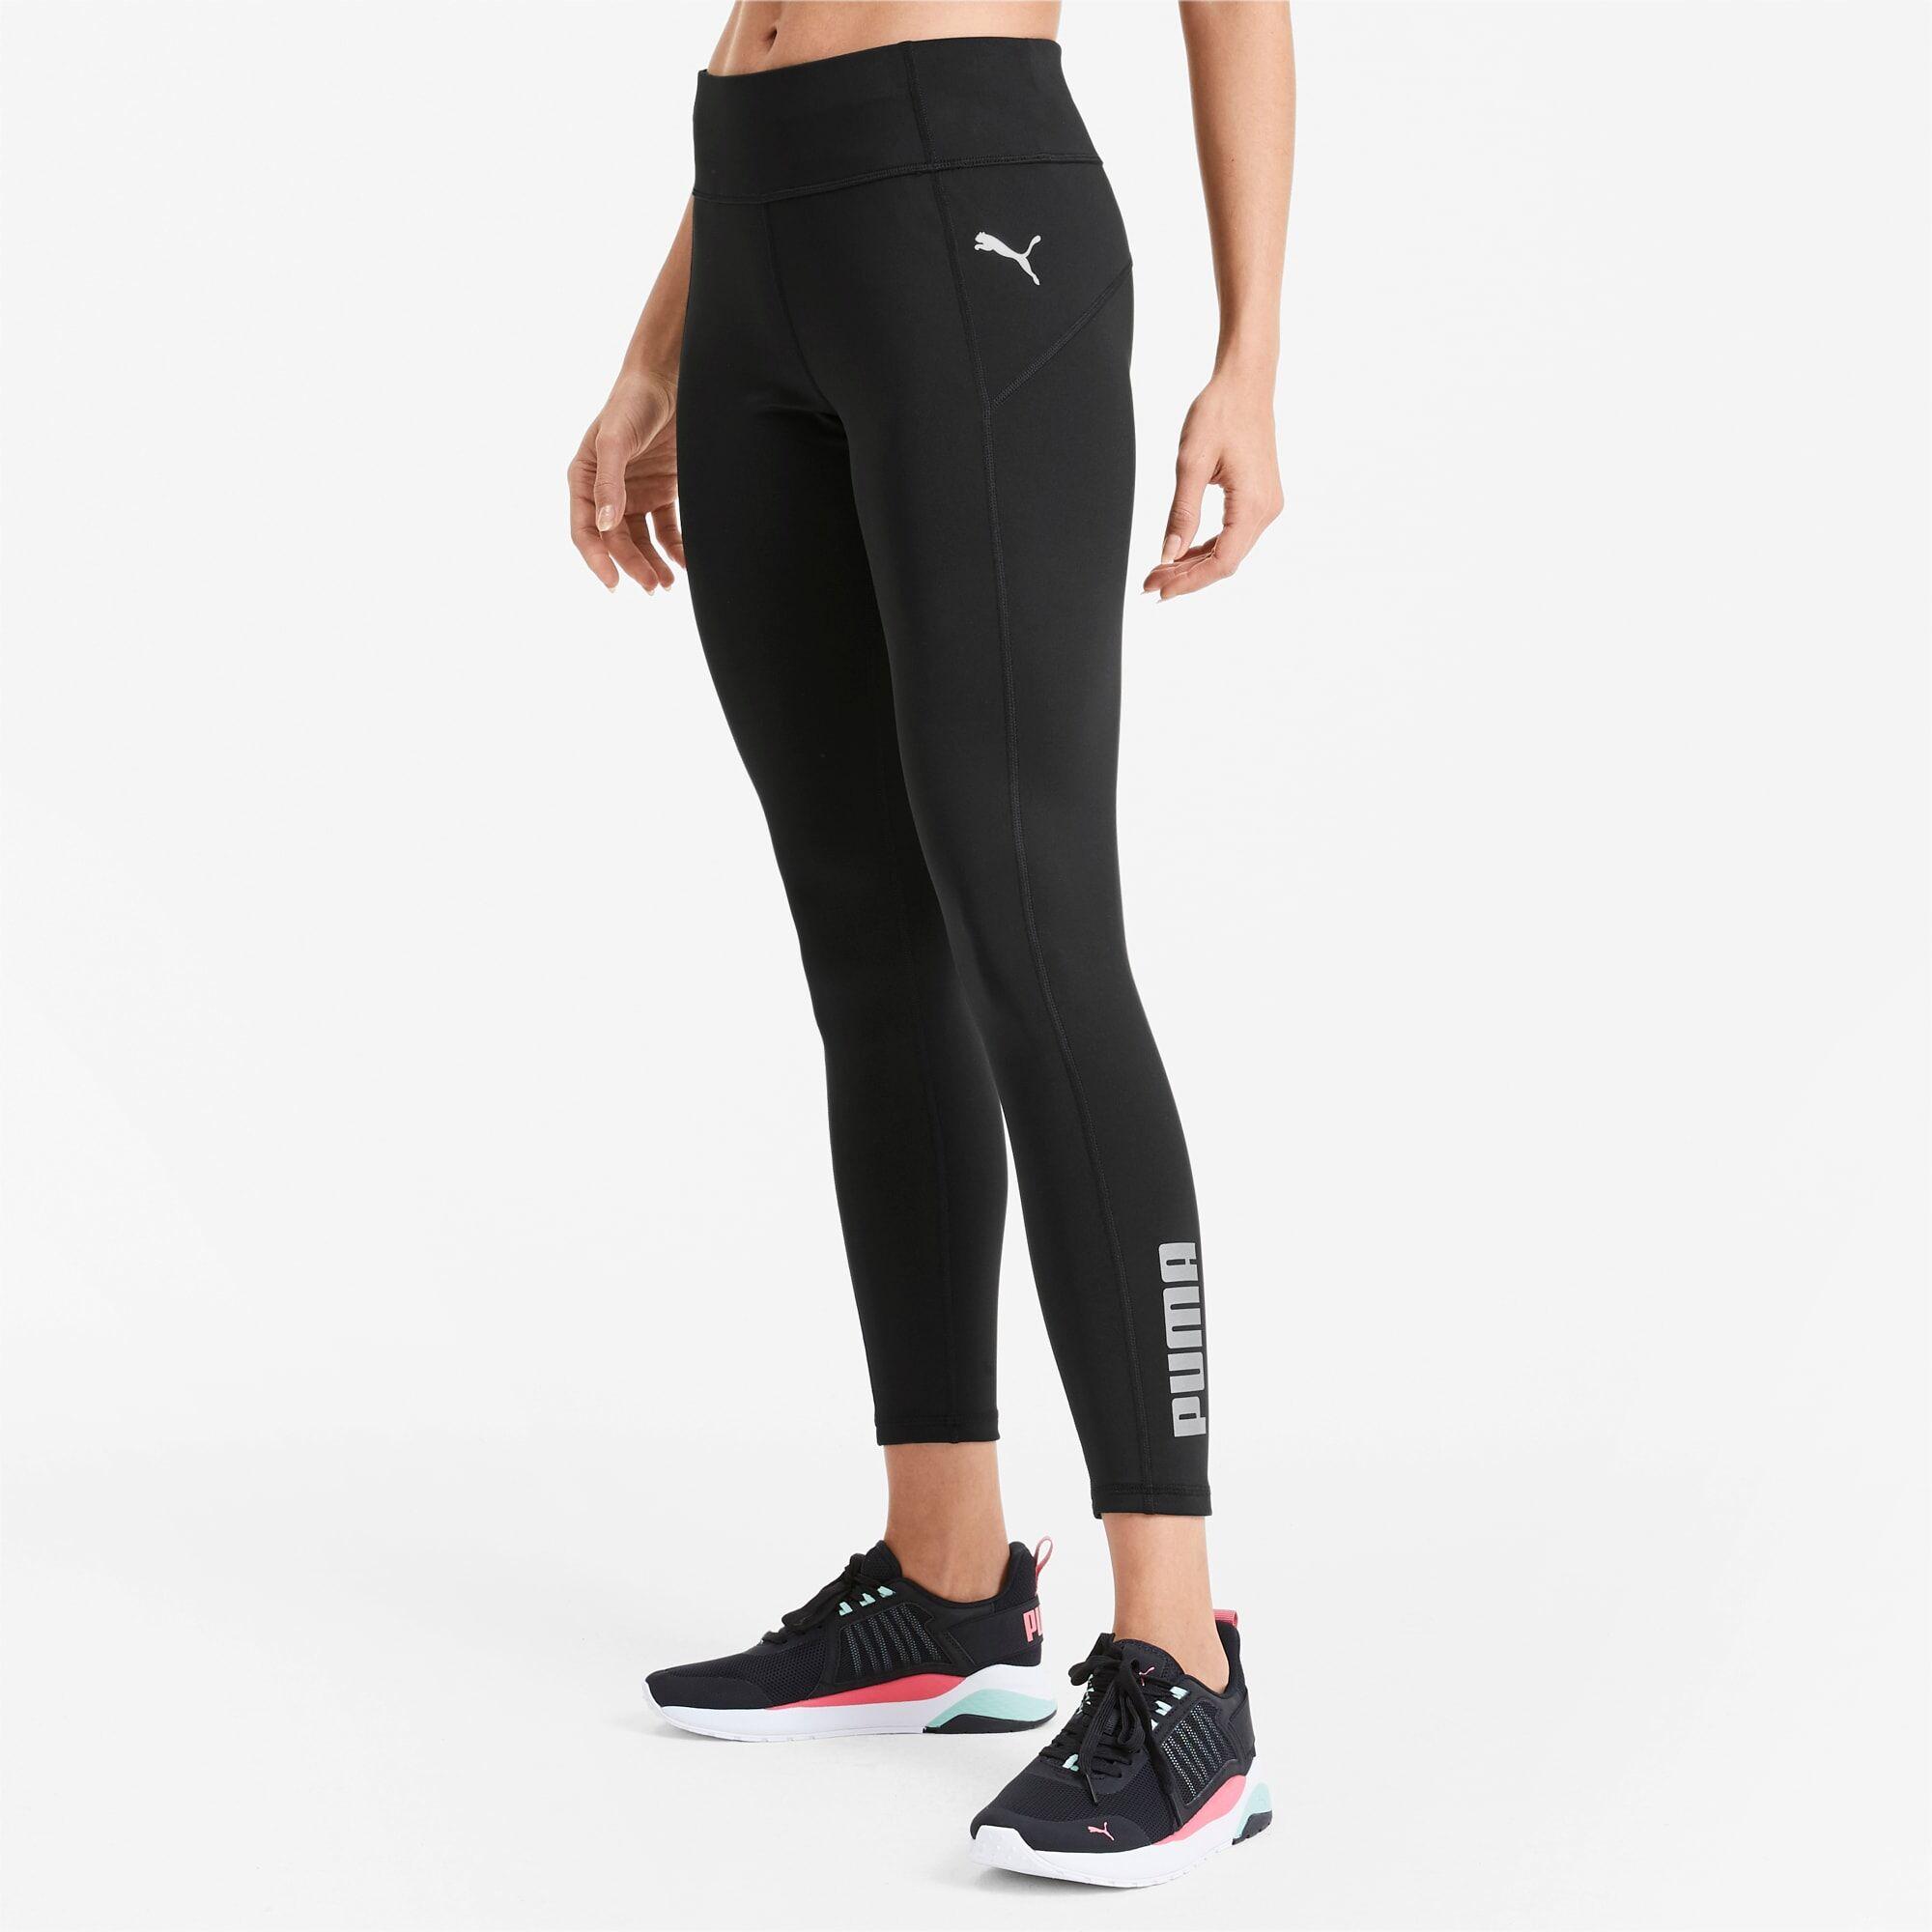 PUMA Collant Polyester Training pour Femme, Noir, Taille XS, Vêtements